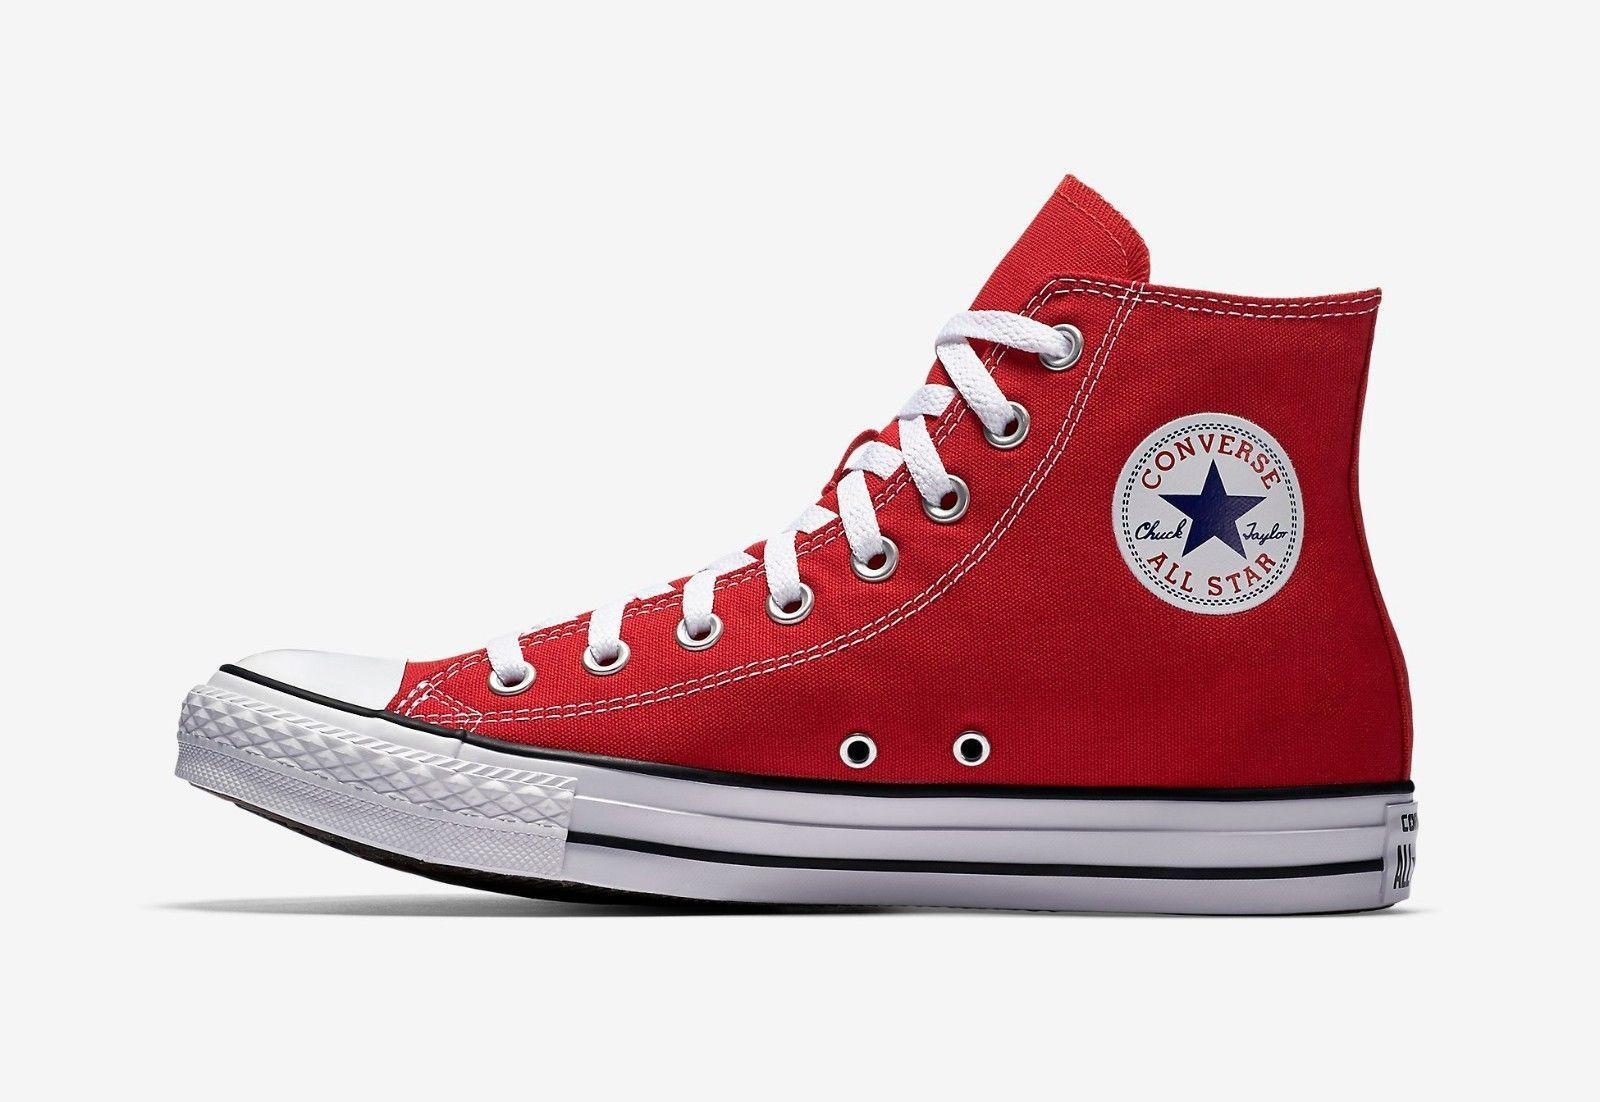 18ec72d4e52d4 Details about Converse Chuck Taylor All Star High Top Canvas Women ...